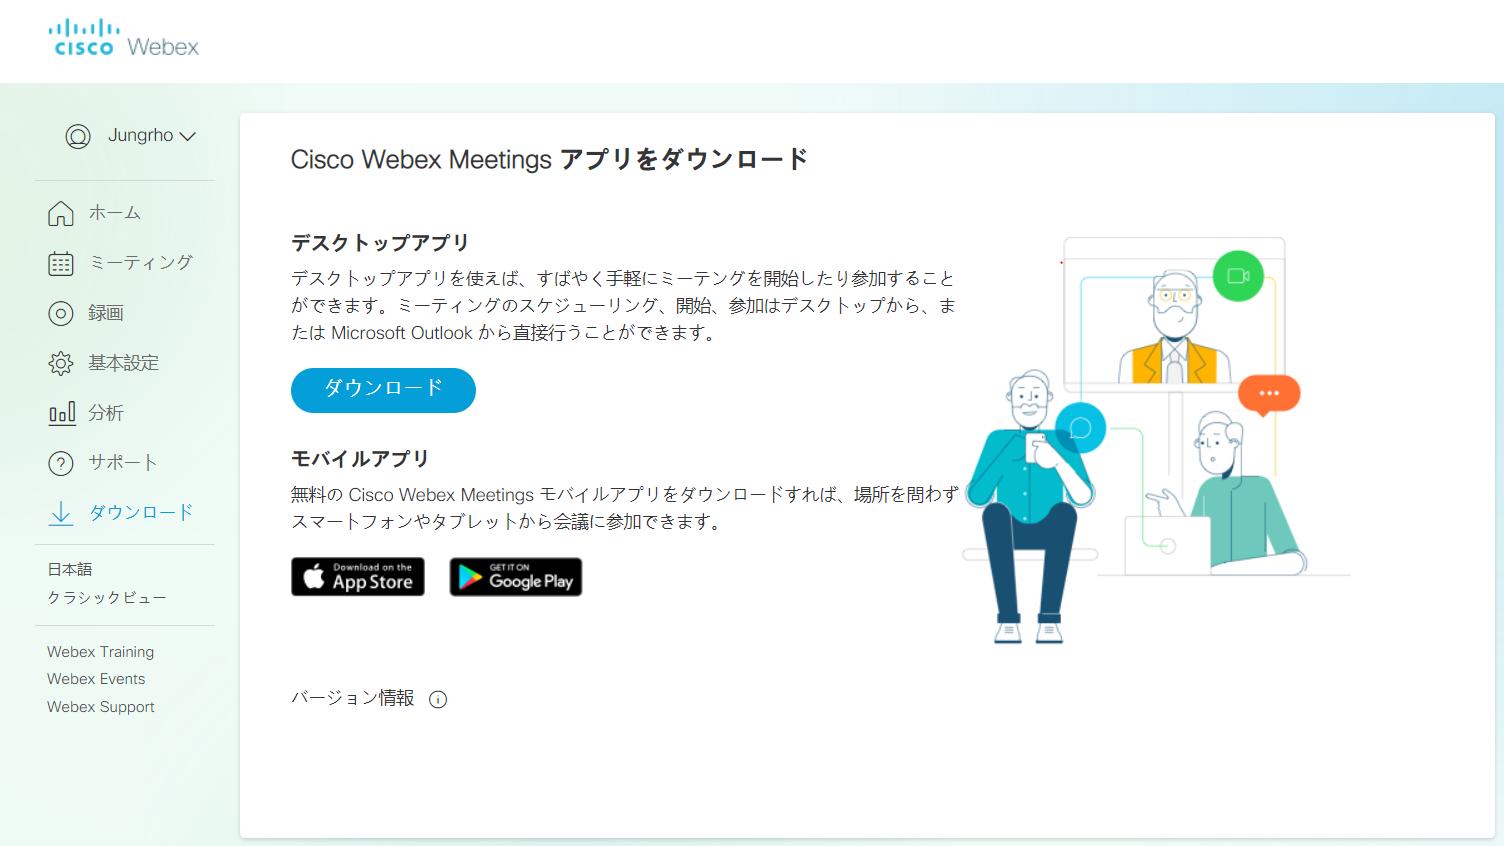 ダウンロード webex